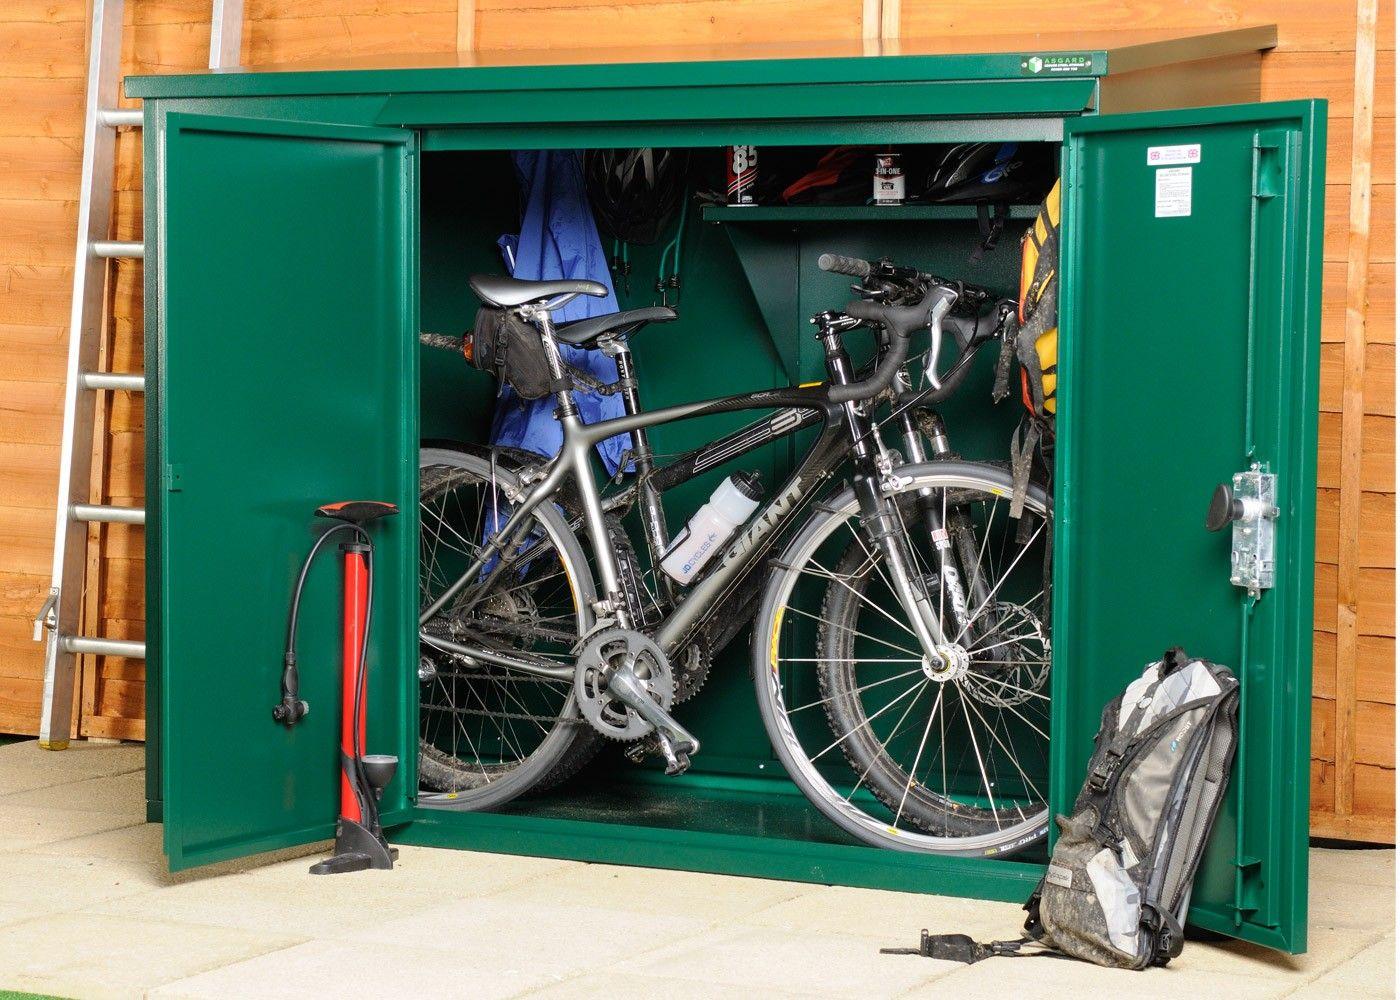 Asguard (UK) Website Metal Sheds Metal Bike Sheds School Storage & bicycle storage shed - Google Search | Sheds | Pinterest | Storage ...